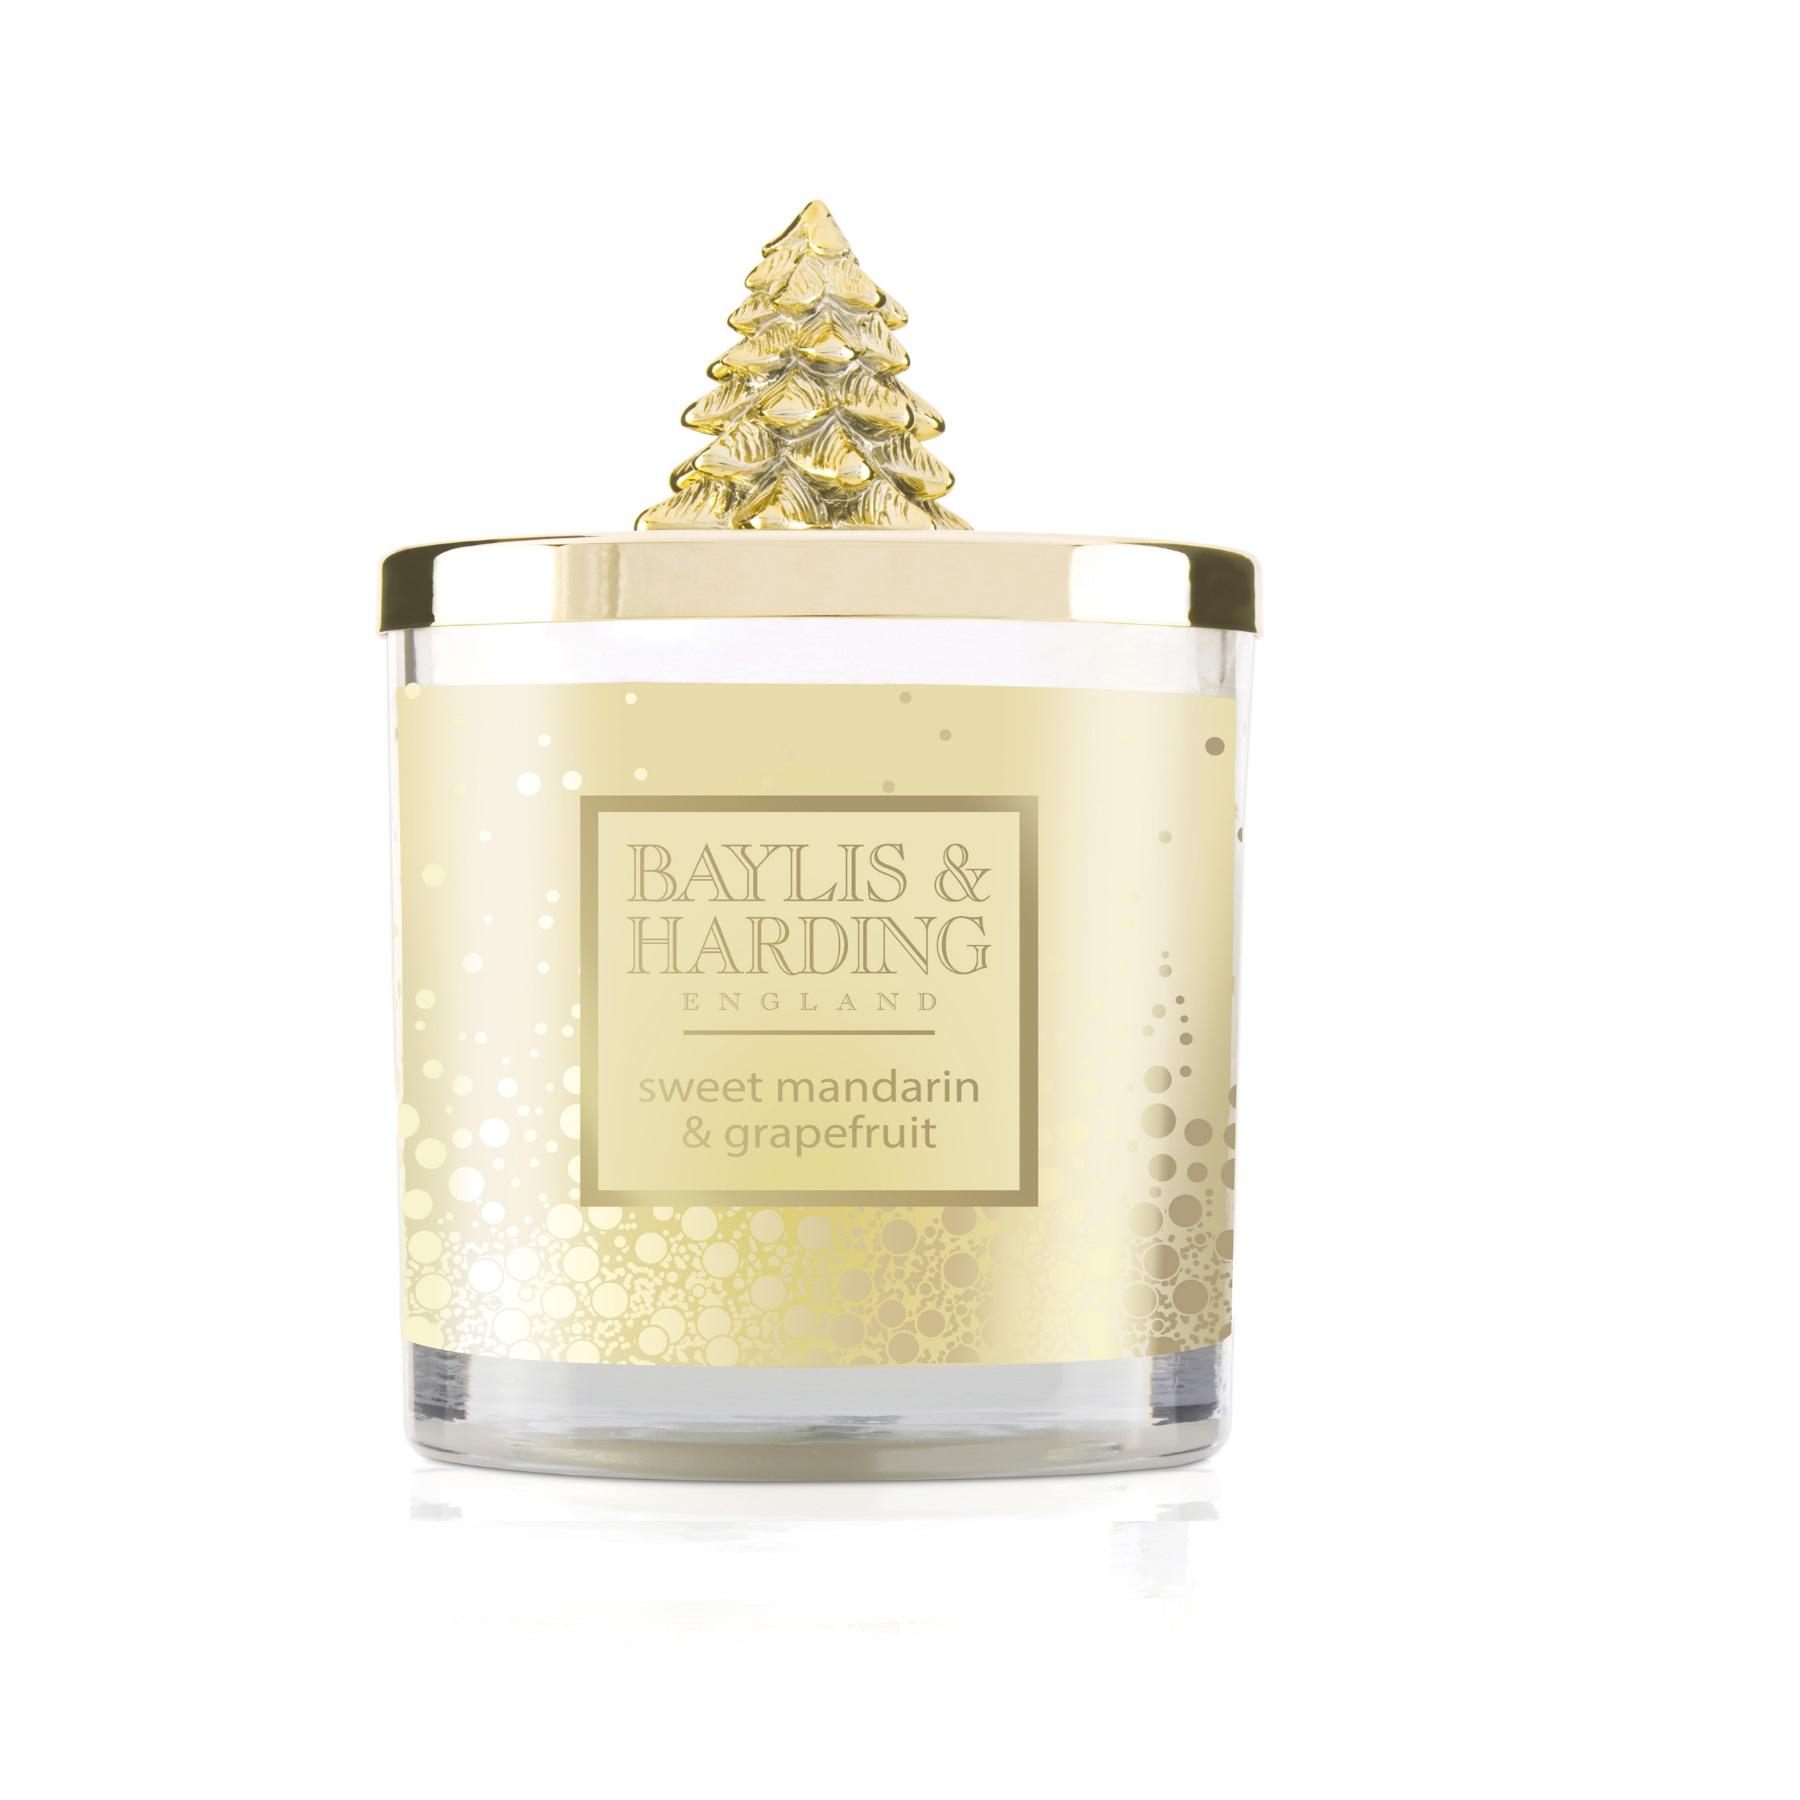 Baylis & Harding Festive candle gold